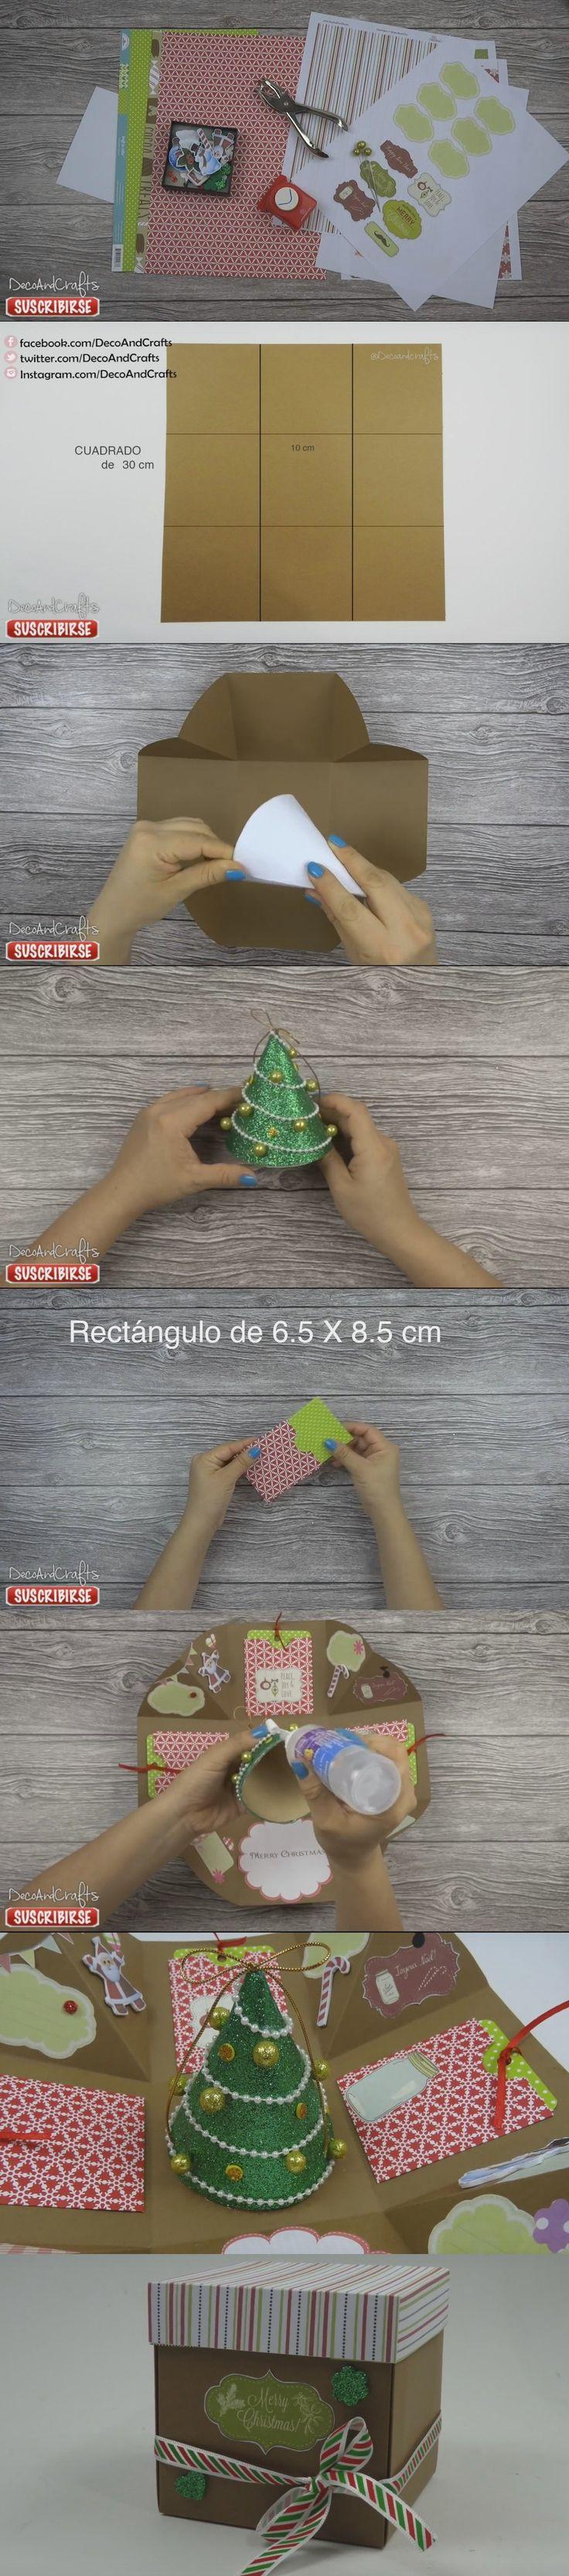 Caja DIY de navidad